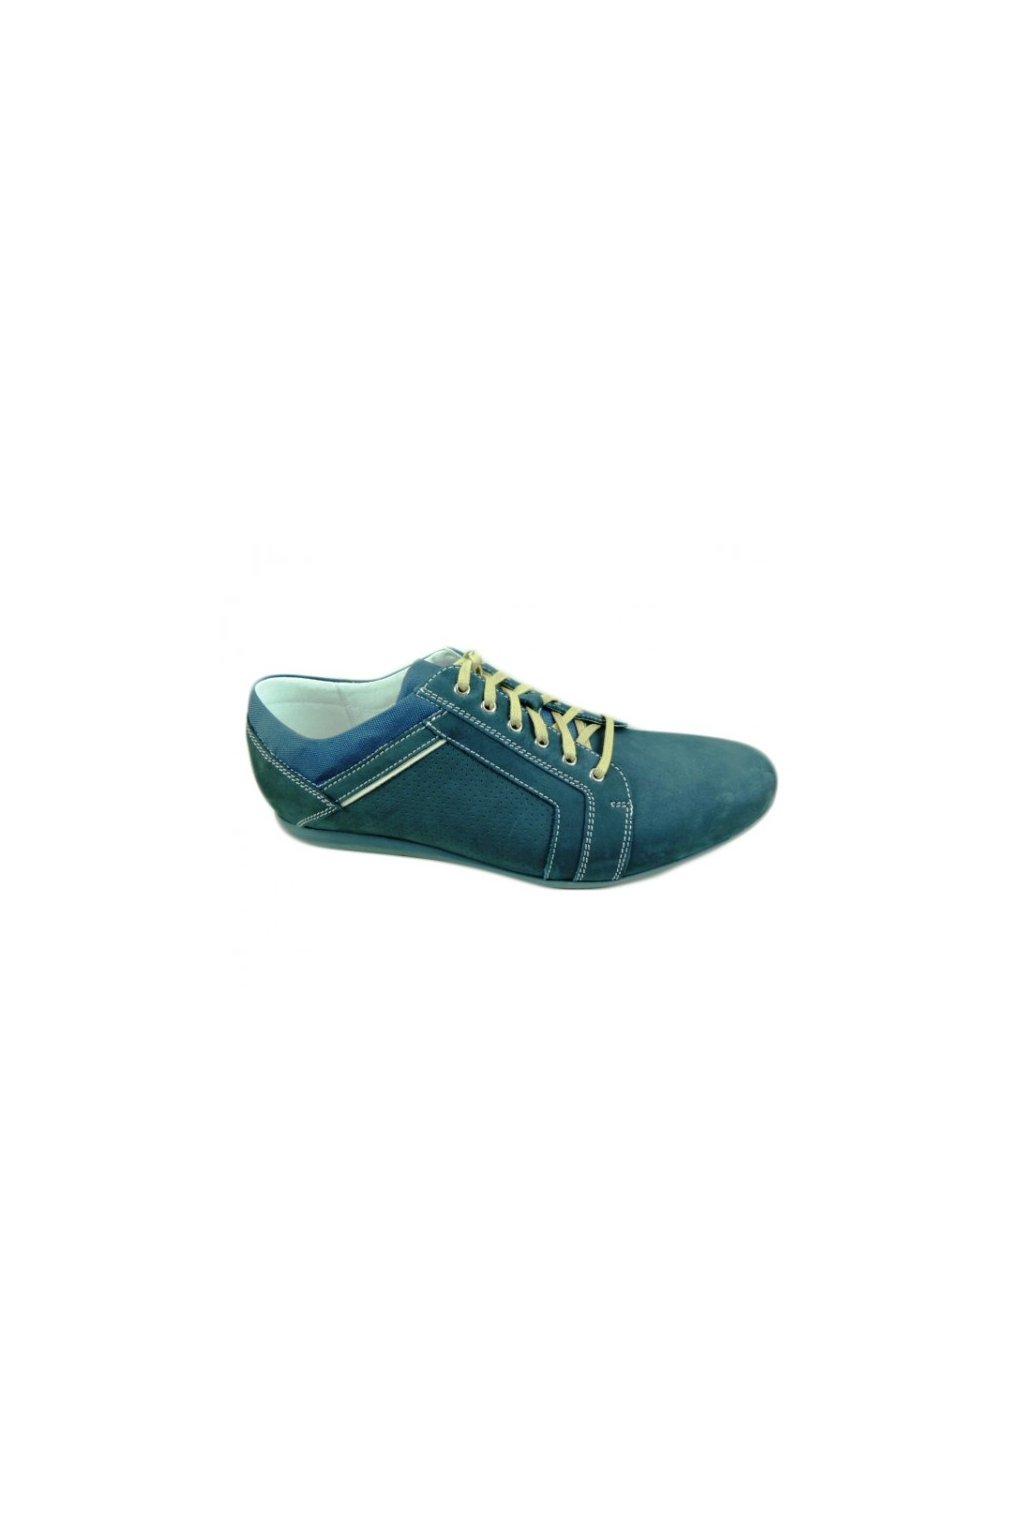 Nik 03-0598-002 modrá